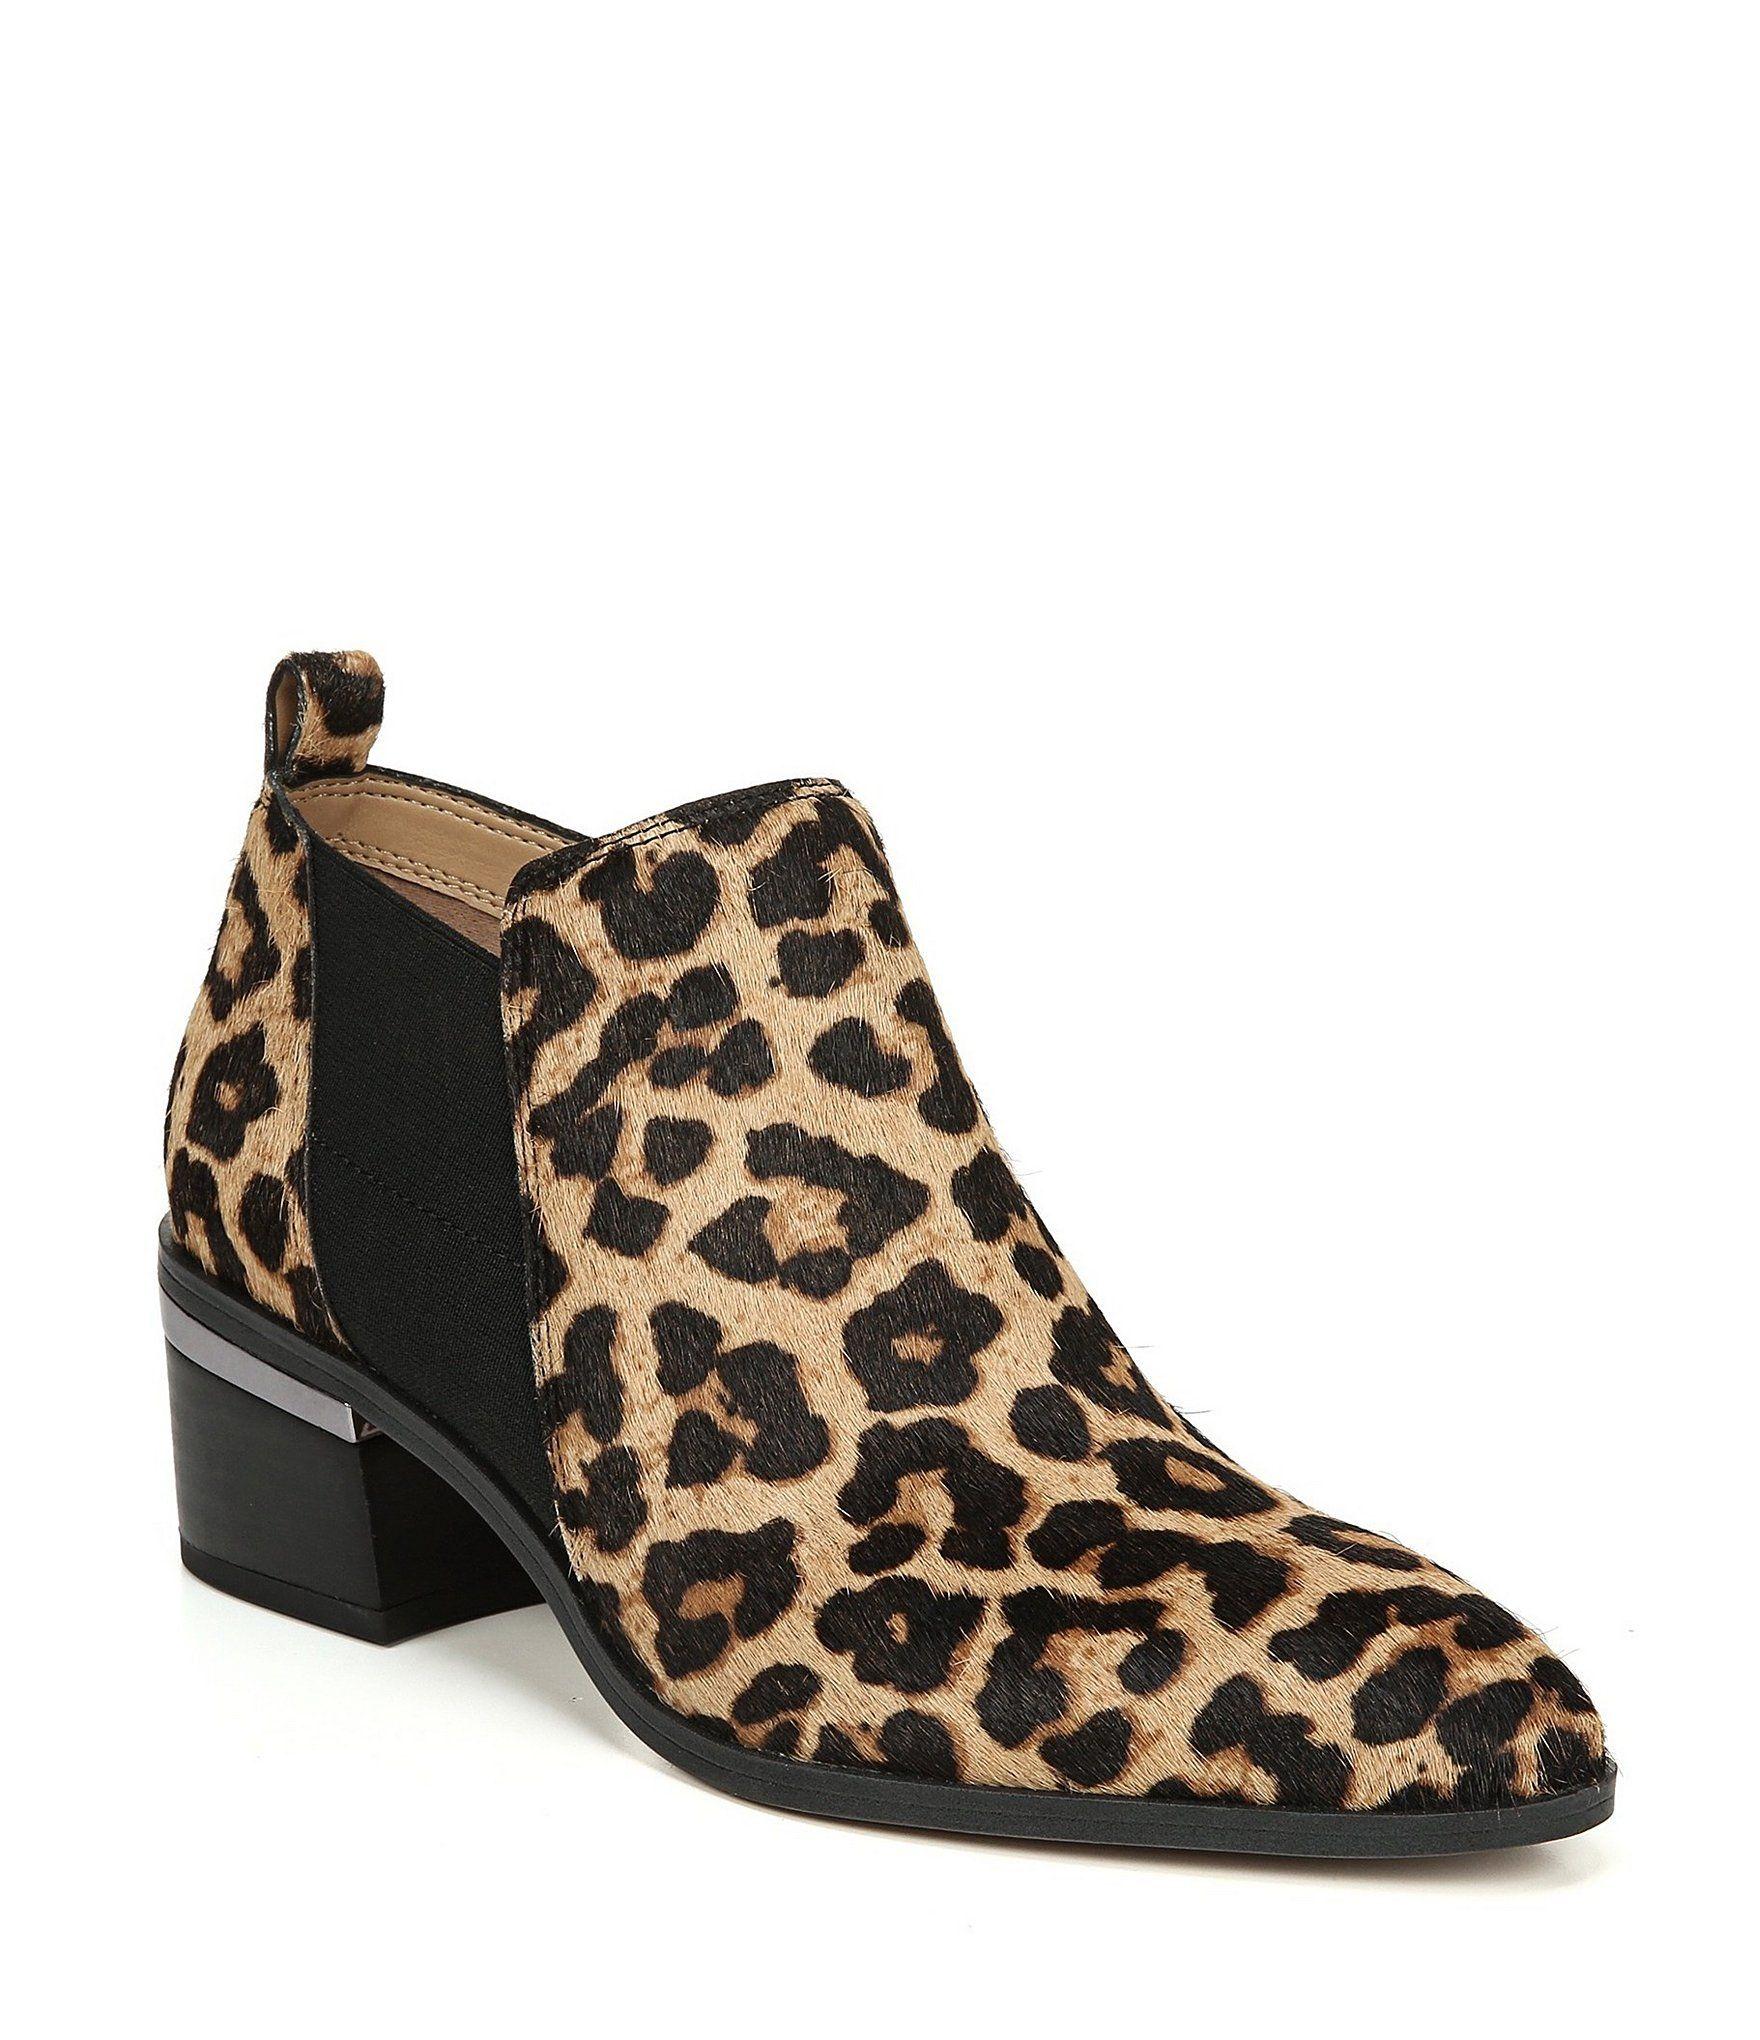 fc2e3d286a4c Boho V-Shaped Faux Suede Fringe Ankle Booties-Leopard Print   Shoes ...